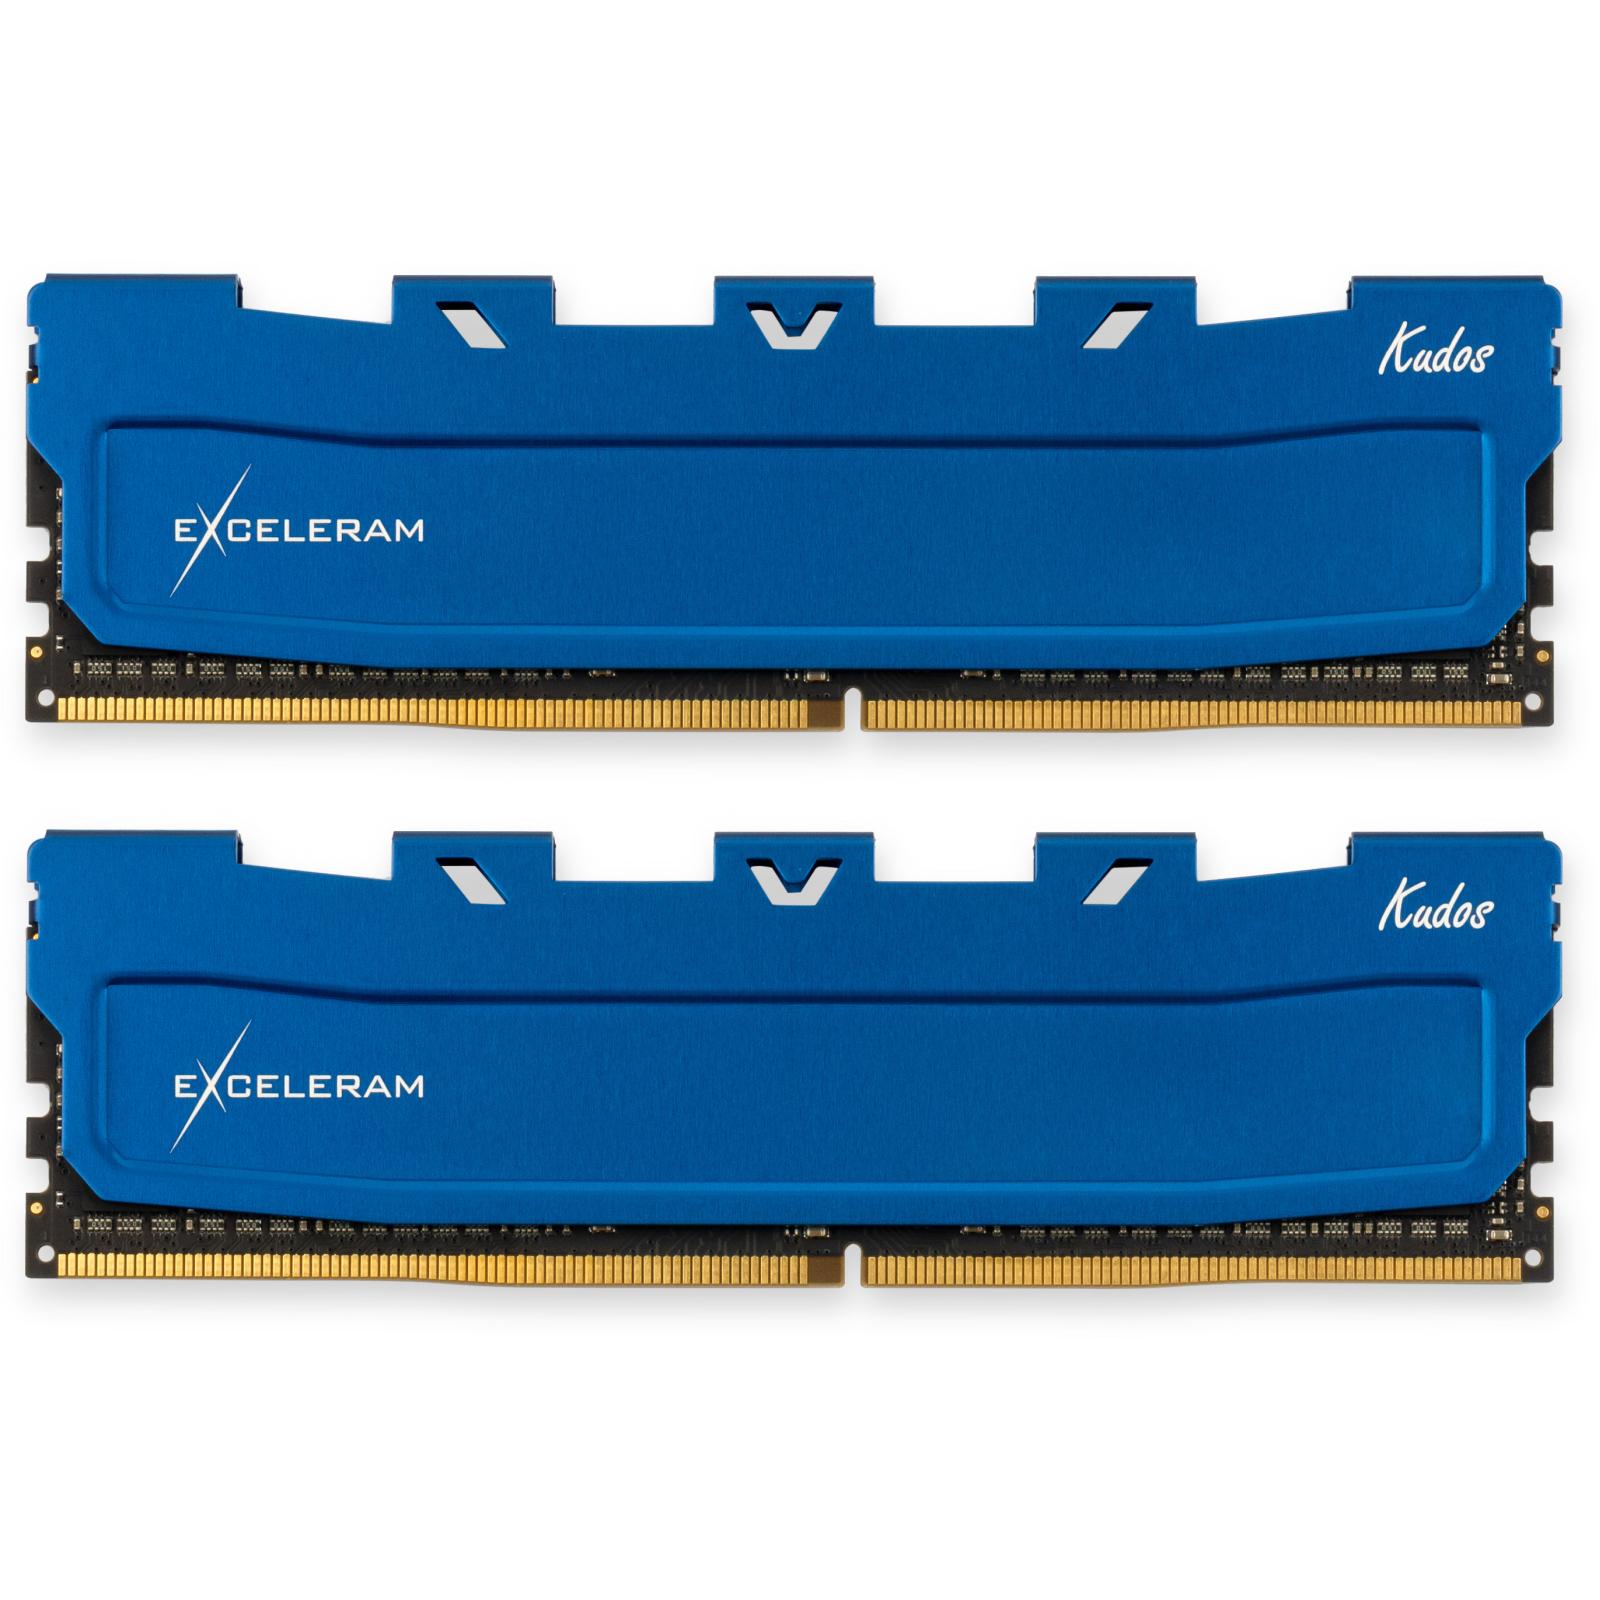 Модуль памяти для компьютера DDR4 32GB (2x16GB) 2666 MHz Kudos Blue eXceleram (EKBLUE4322619AD)